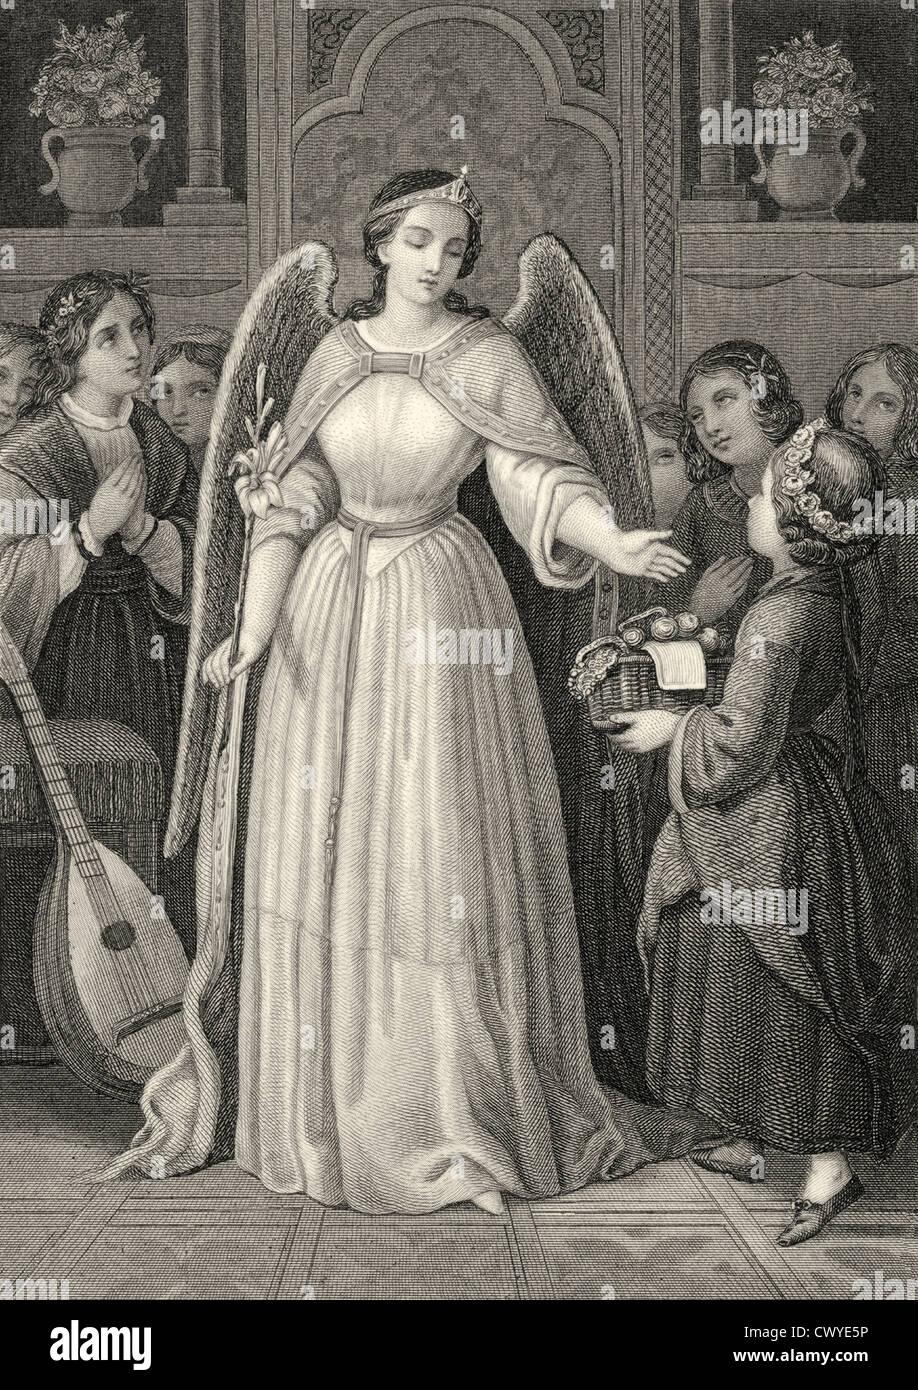 Mignon als Engel mit Laute und Kinder, Szene aus Wilhelm Meisters Lehre, Roman von Johann Wolfgang von Goethe Stockbild